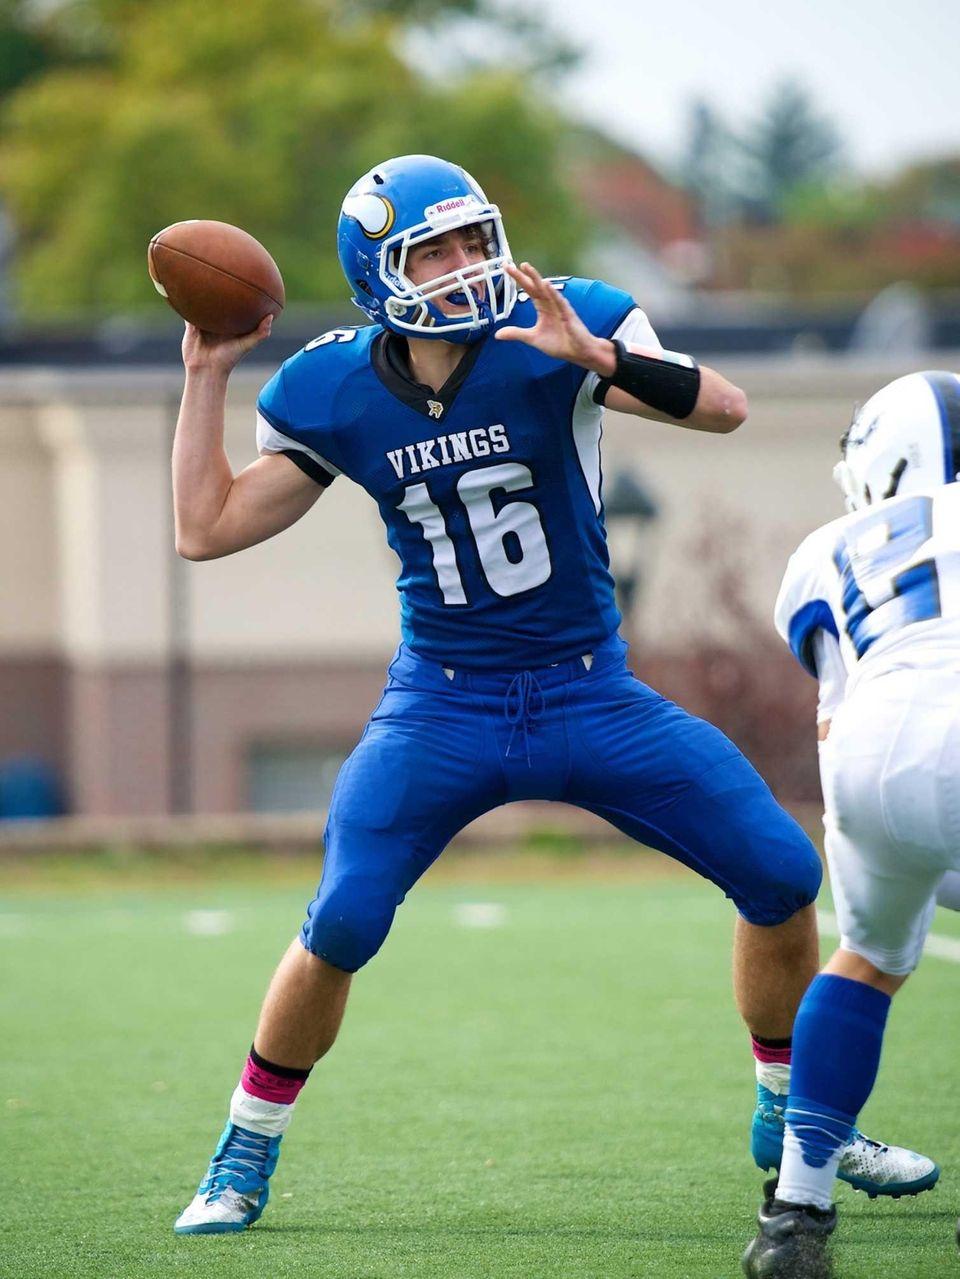 Port Washington quarterback QB James Burns attempts a